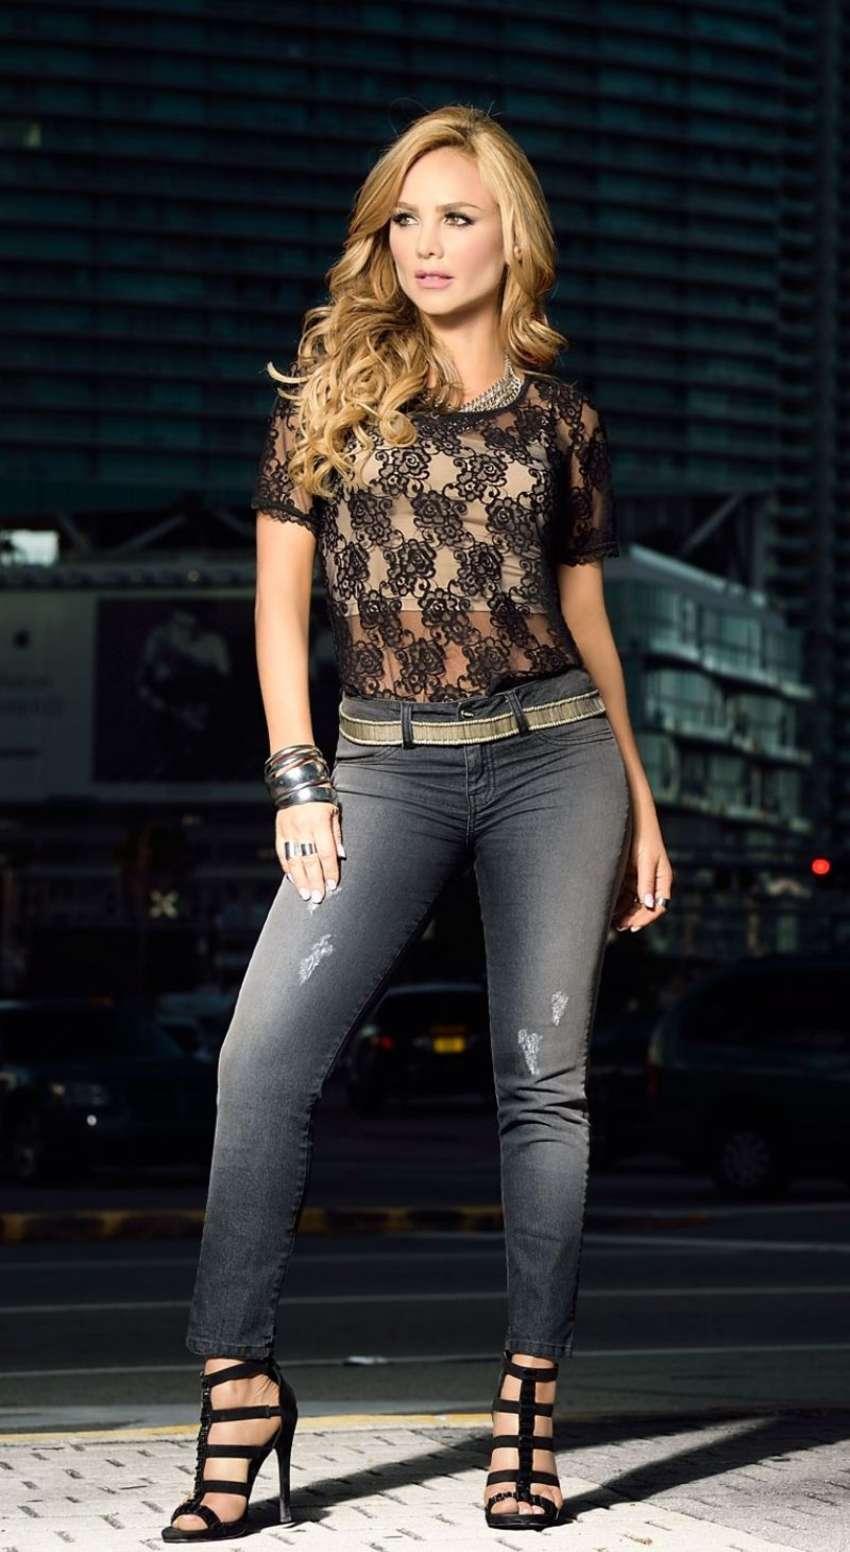 Ximena Cordoba Carmel Modeling Photoshoot 2016 14 Gotceleb